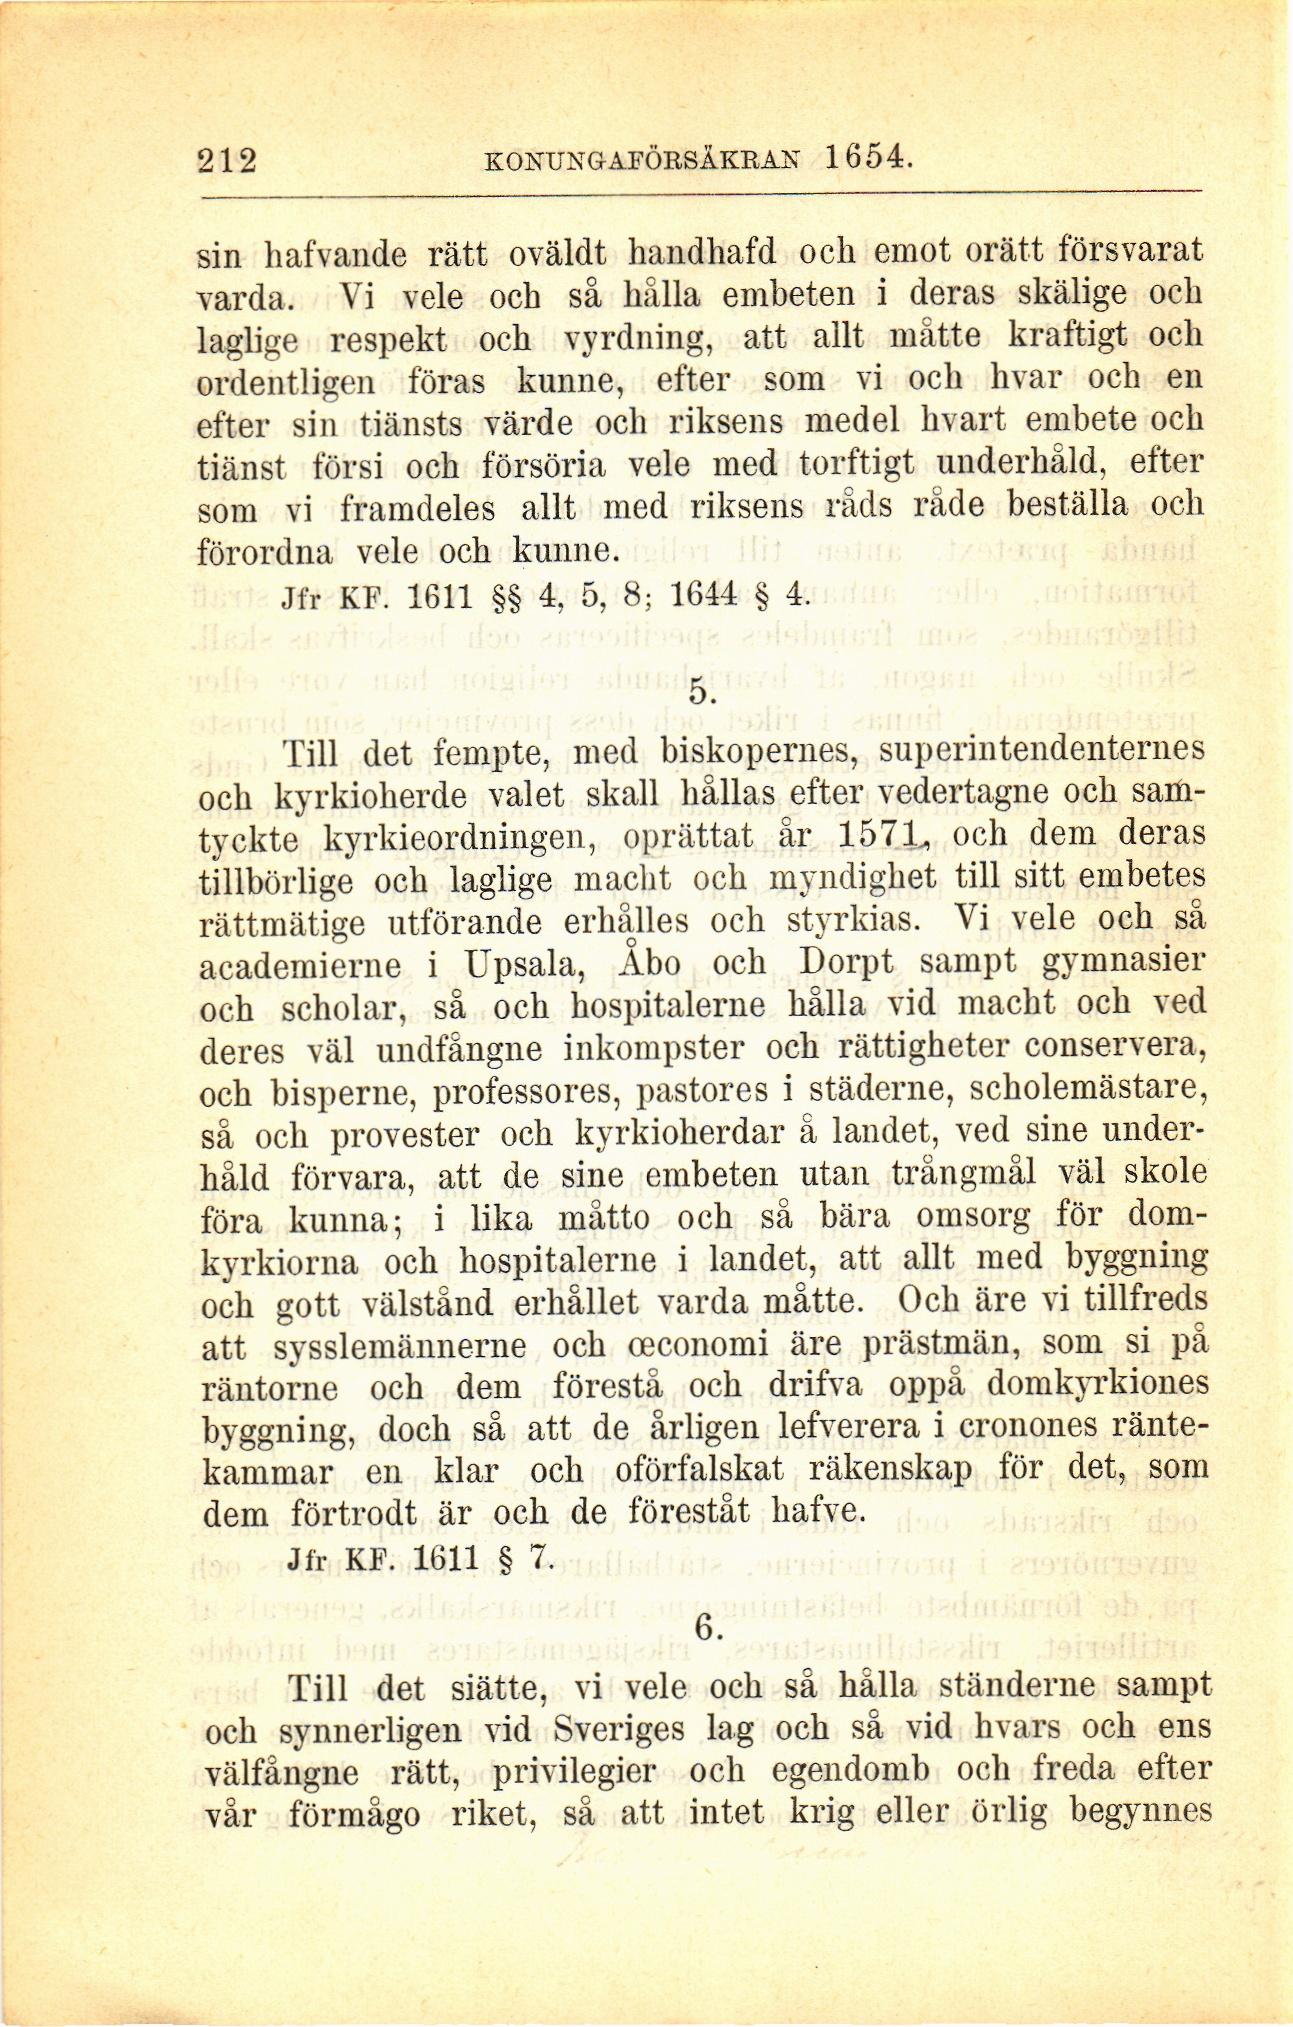 942e7b0a8ef 212 (Sveriges regeringsformer 1634-1809 samt konungaförsäkringar ...